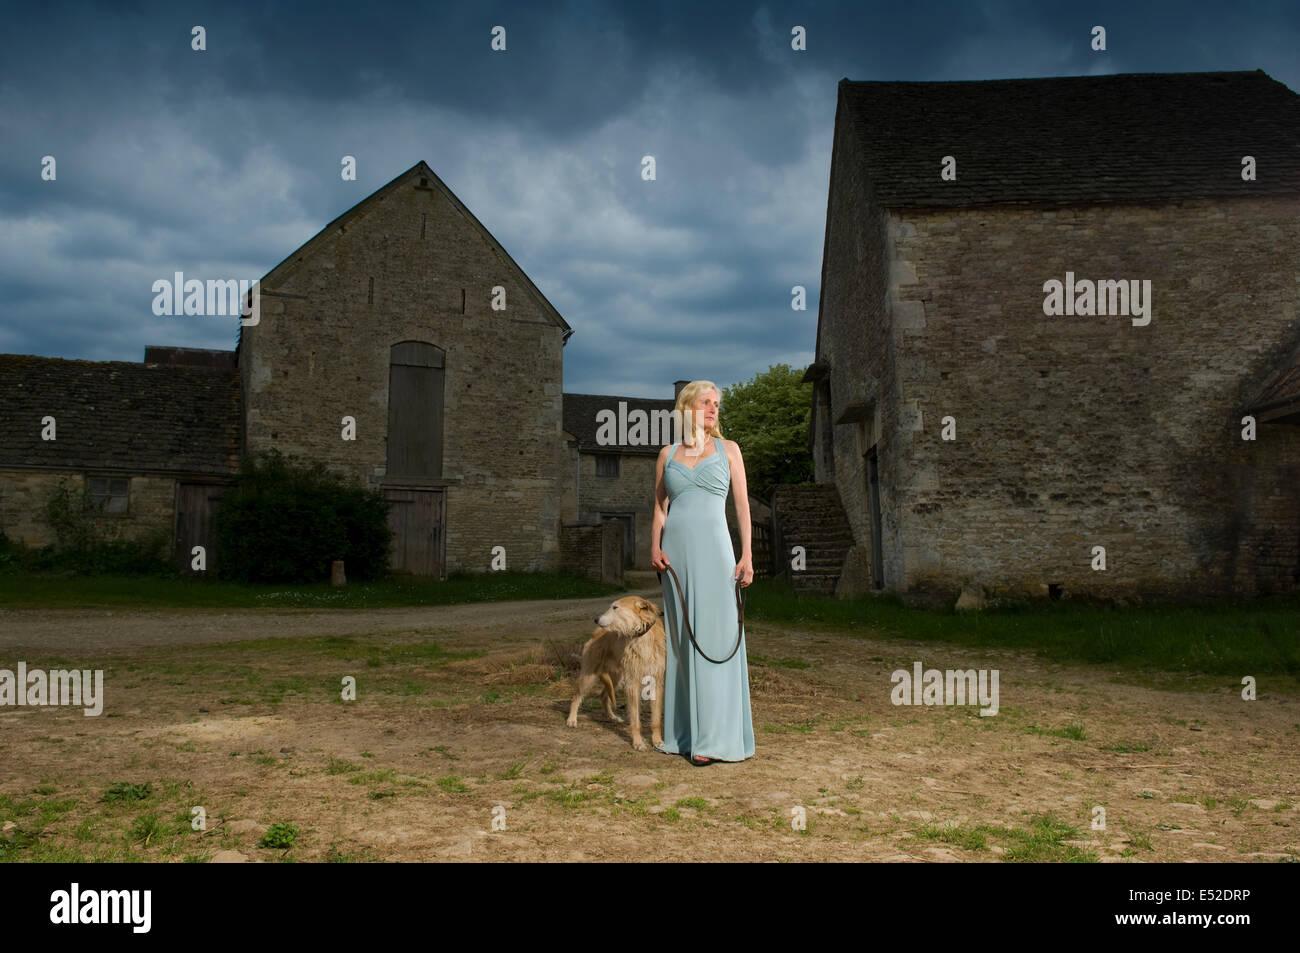 Eine Frau mit einem Lurcher Hund auf einem Hof unter Gewitterhimmel. Stockbild